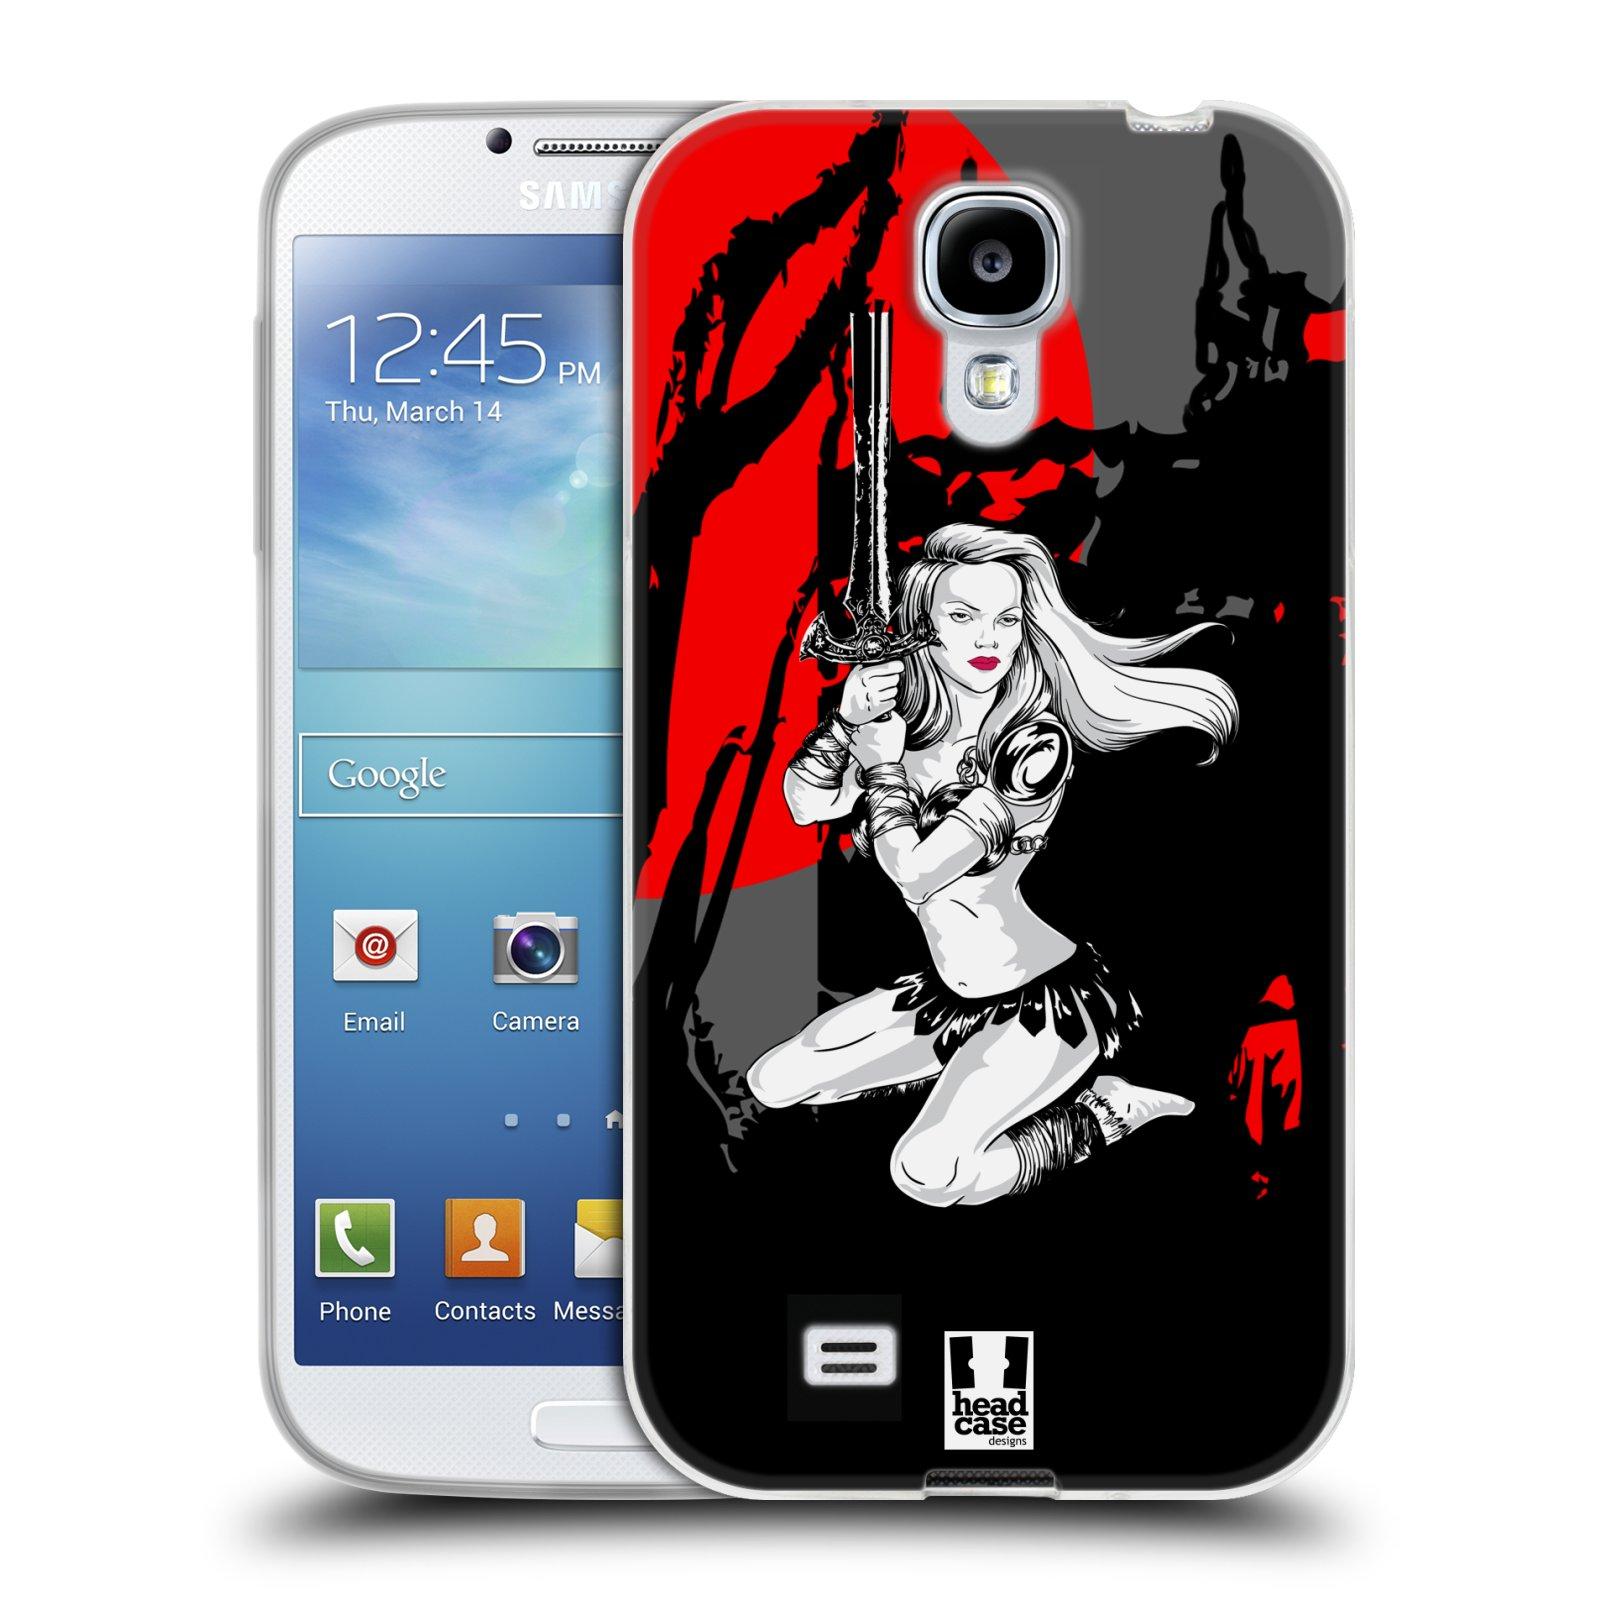 HEAD CASE silikonový obal na mobil Samsung Galaxy S4 i9500 vzor Komixové bojovnice AMAZONKA